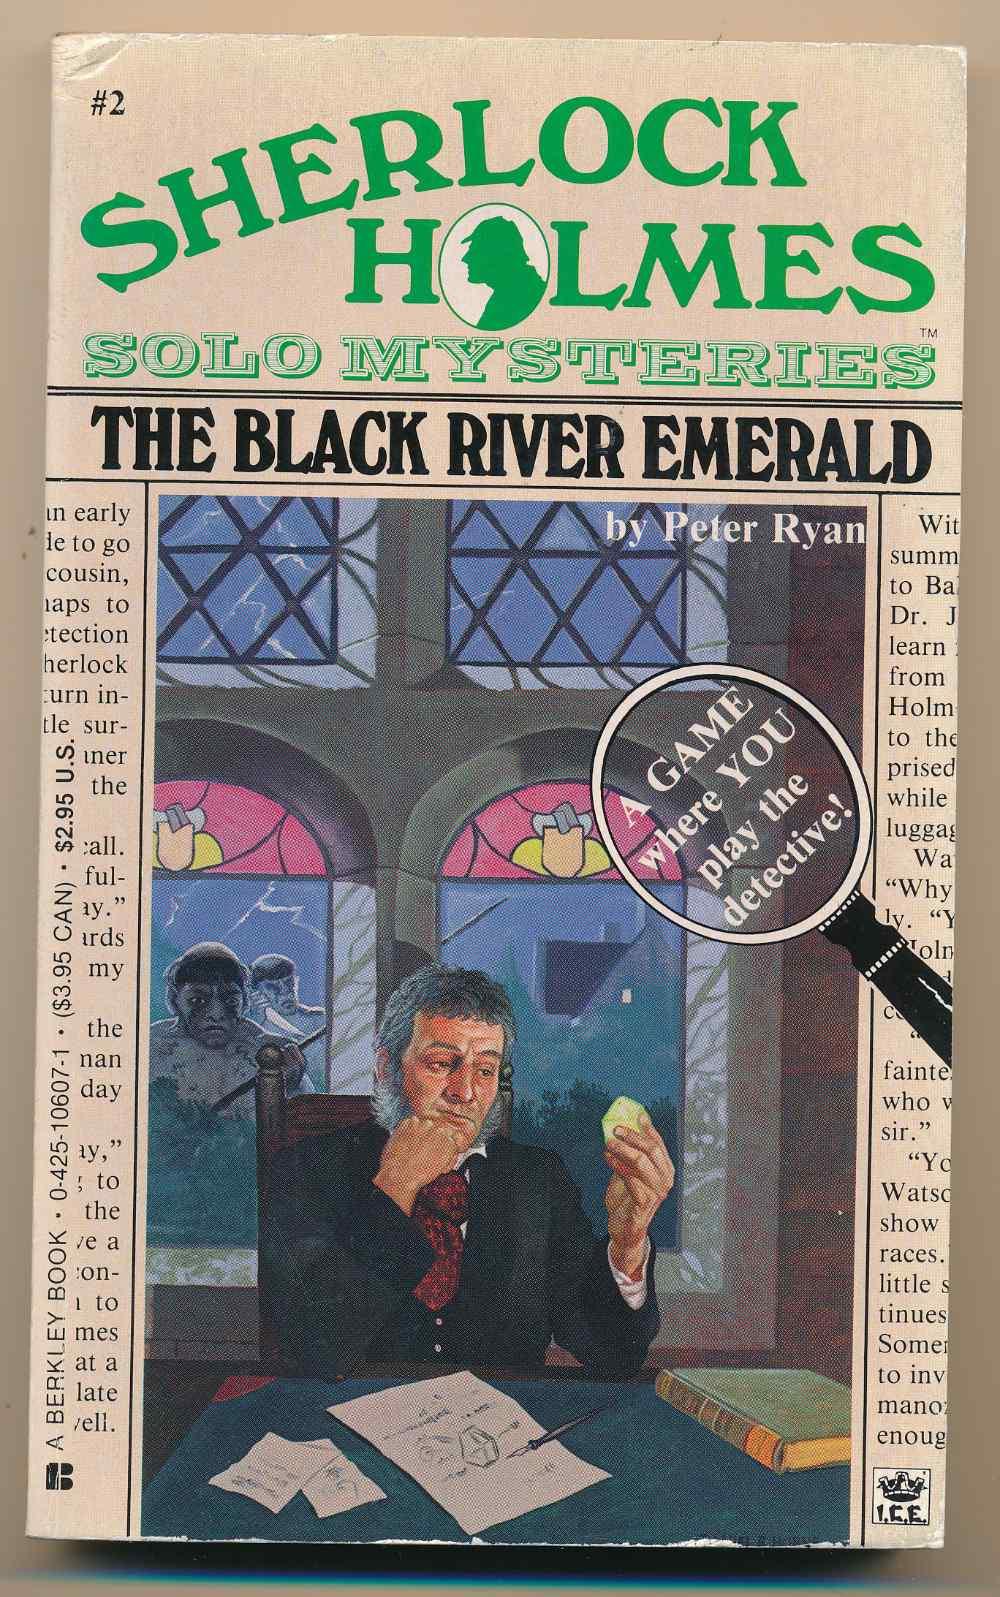 The Black River emerald